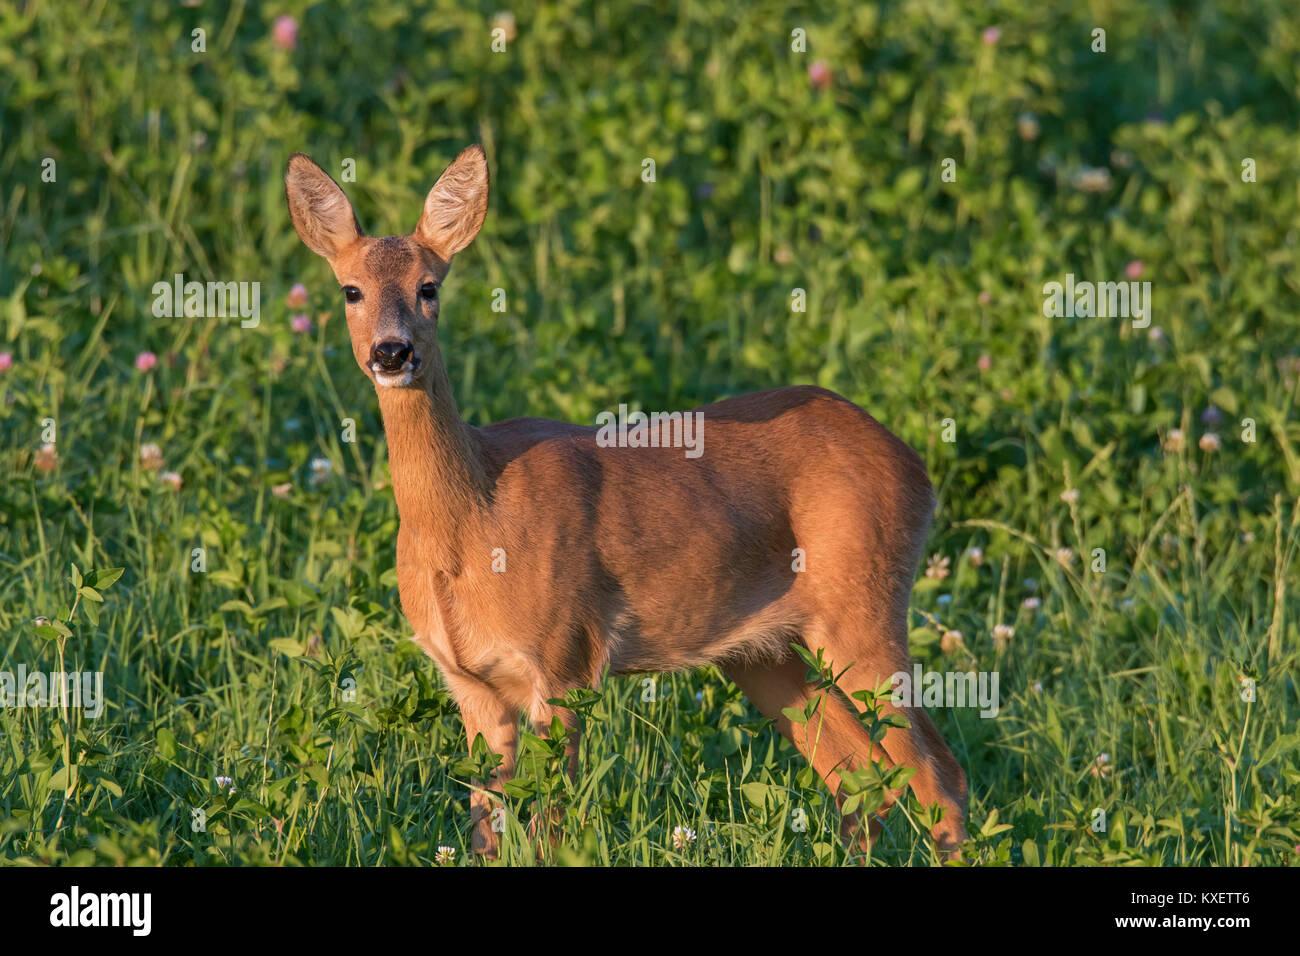 European roe deer (Capreolus capreolus) doe / female foraging in meadow in July in summer - Stock Image